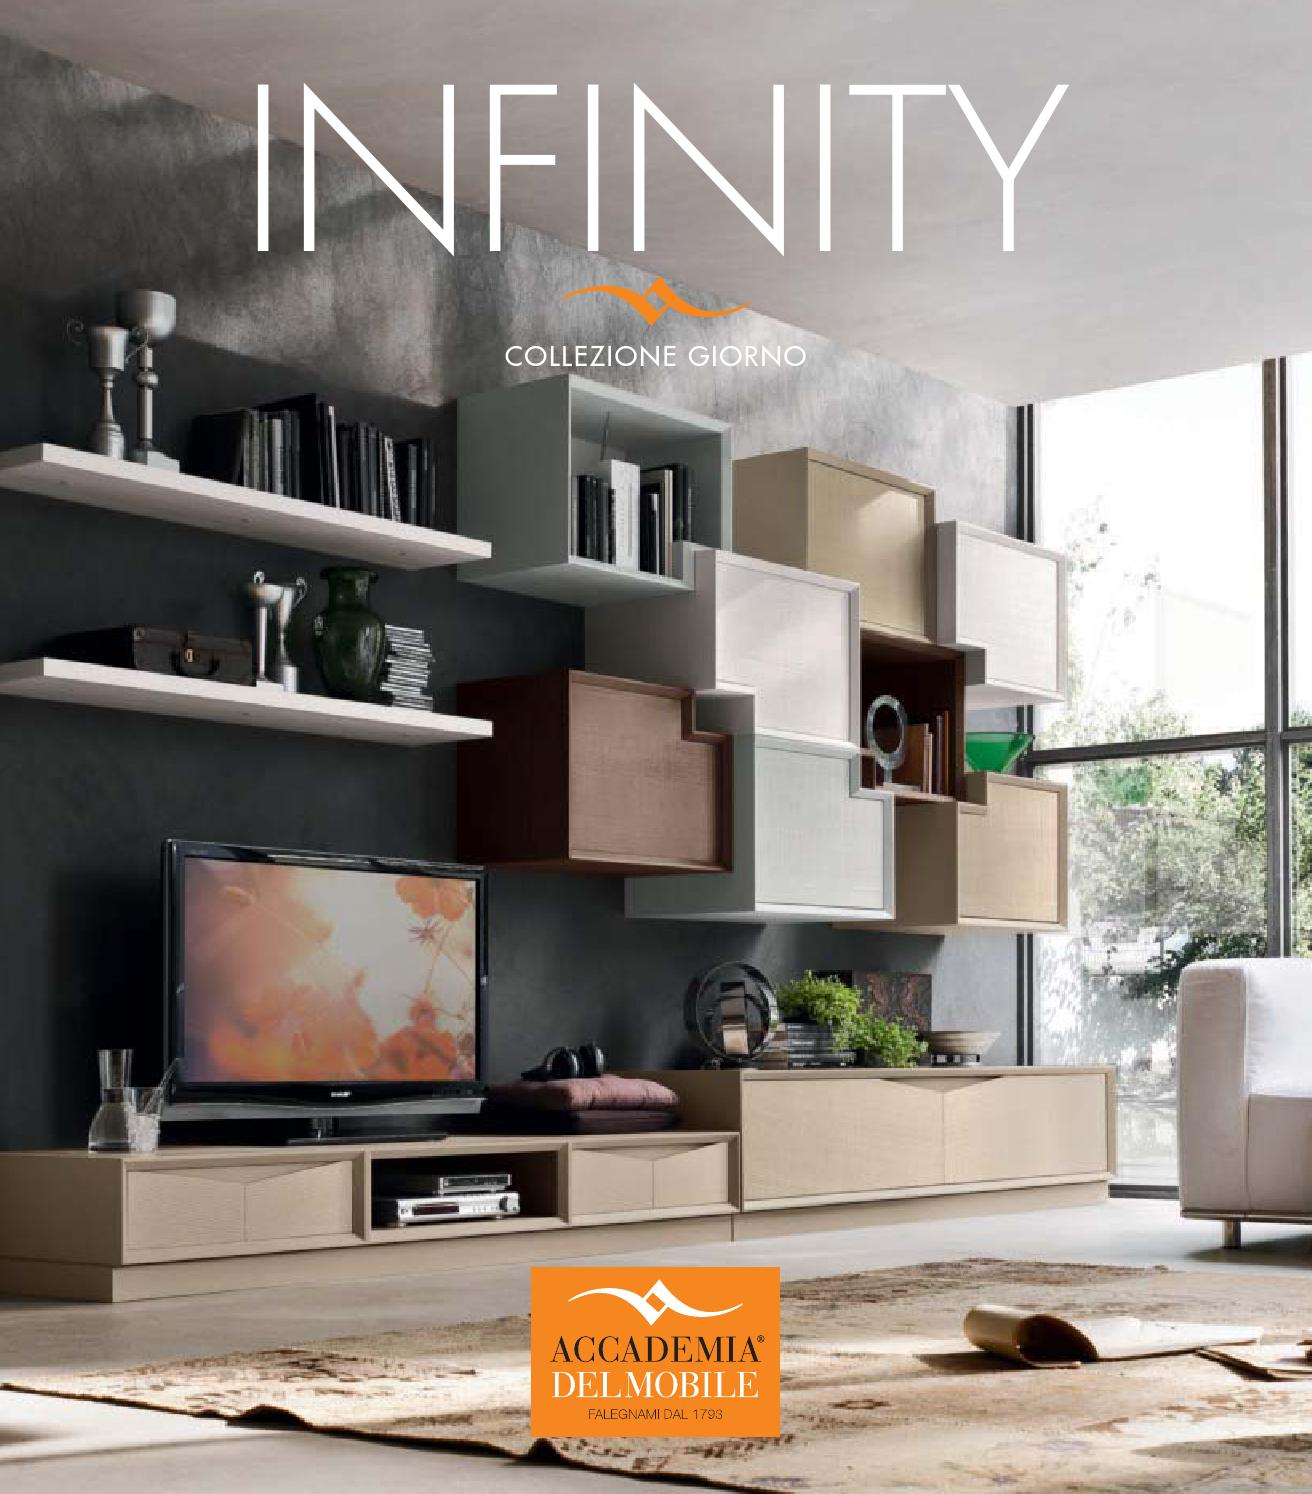 Accademia del mobile catalogo infinity giorno by - Accademia del mobile ...